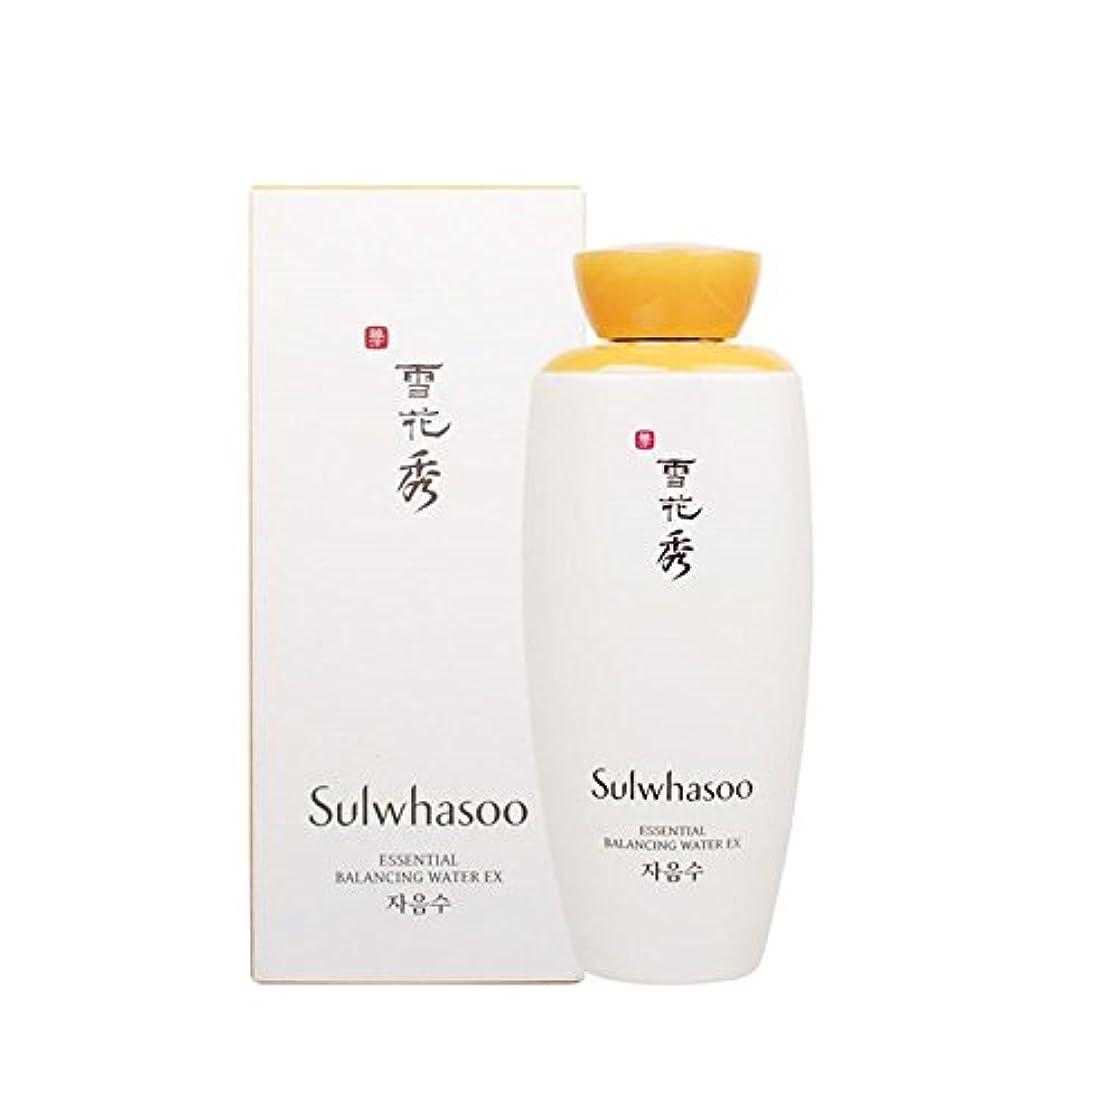 雪花秀 <Sulwhasoo> ソルファス 滋陰水 チャウンス (化粧水) 125mL